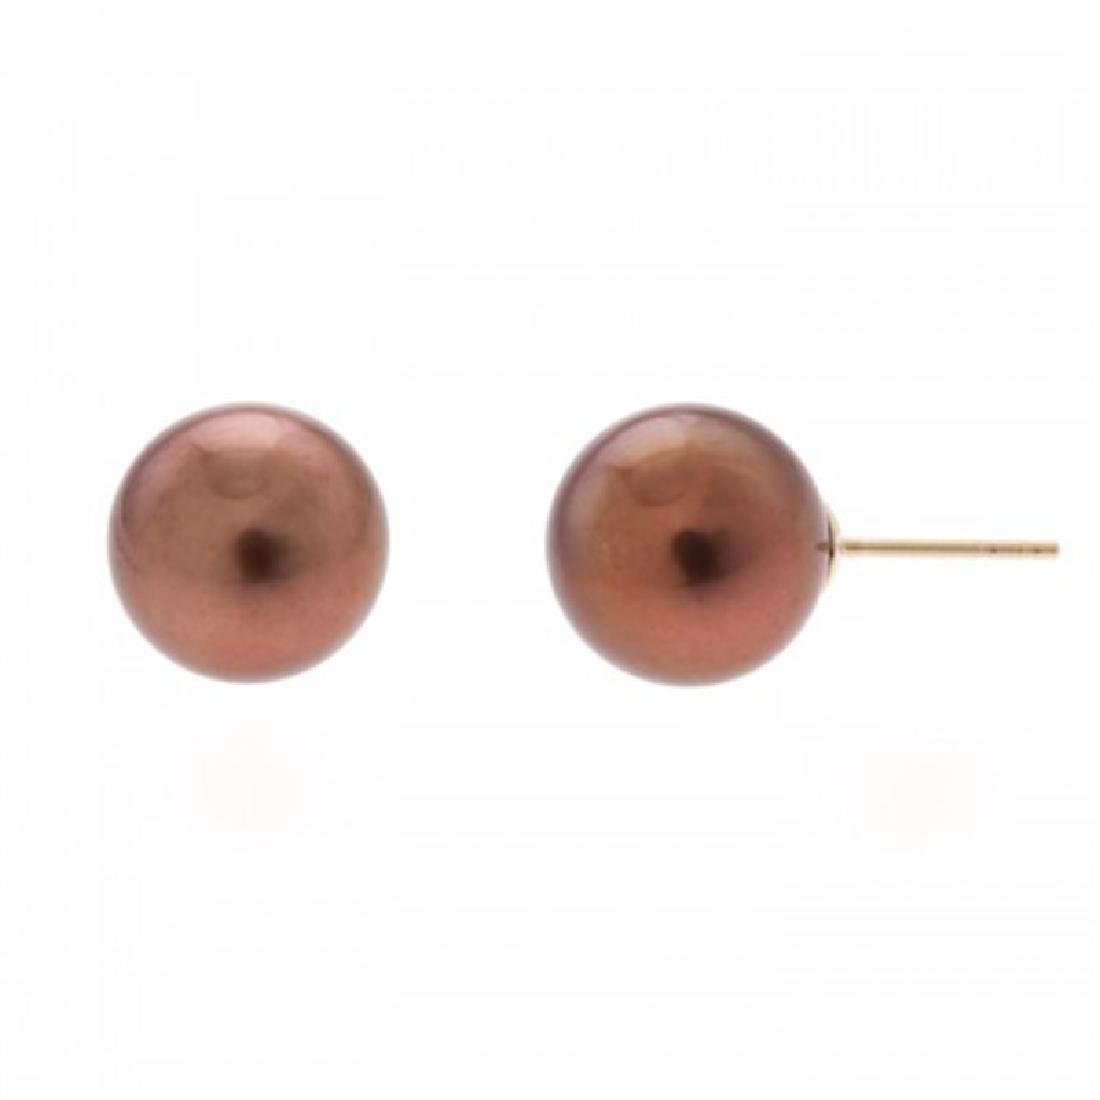 11.0-11.5mm Chocolate Tahitian Pearl Stud Earrings